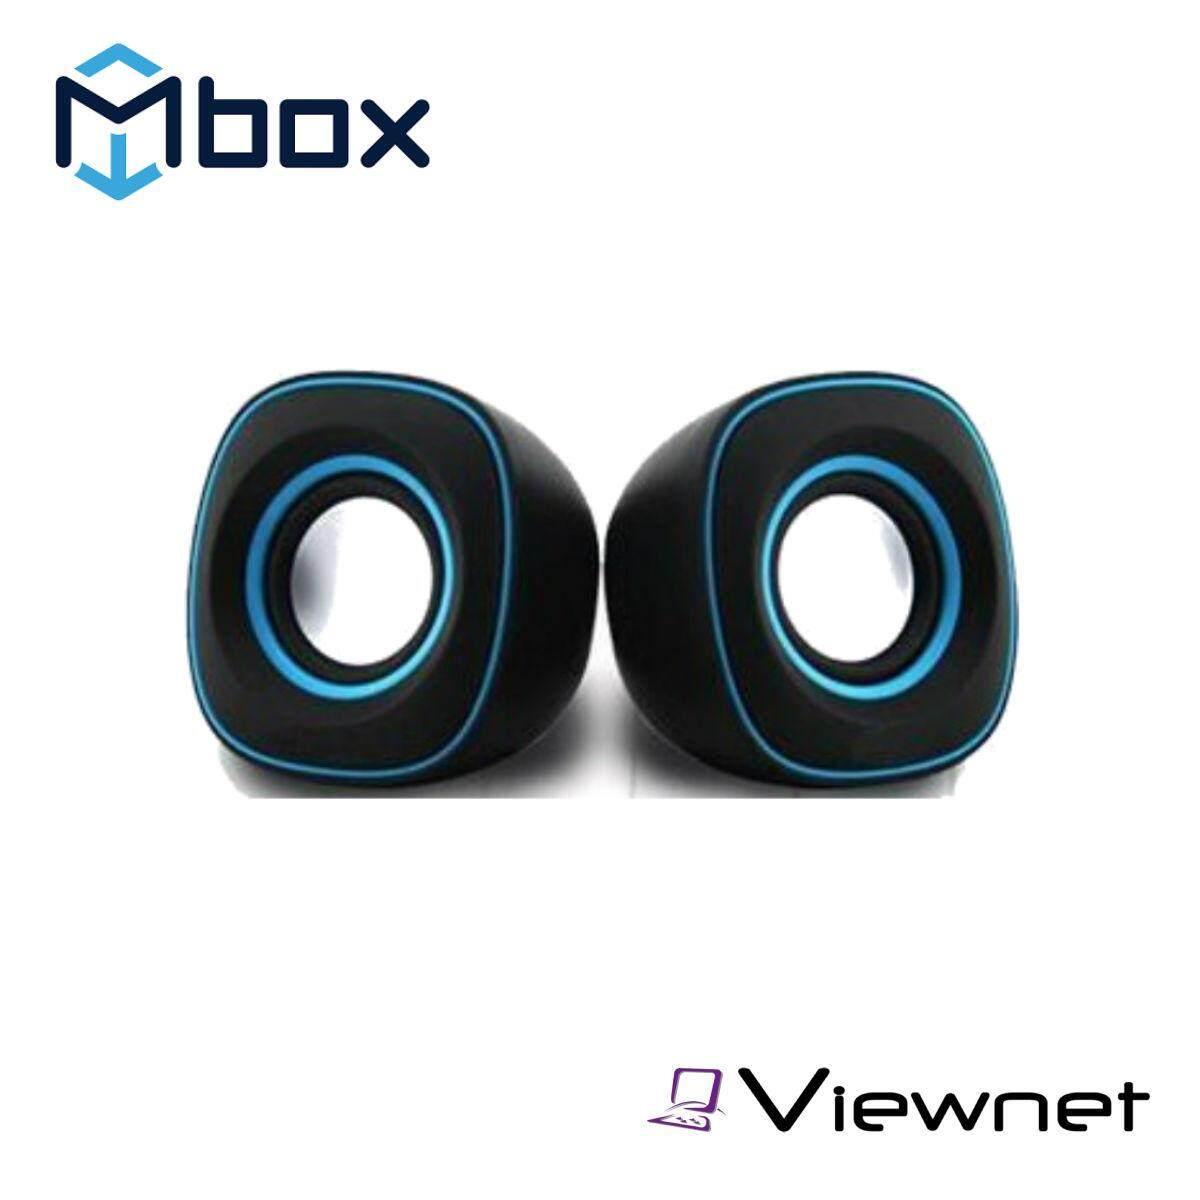 Mbox portable speaker usb 2.0 multimedia speaker